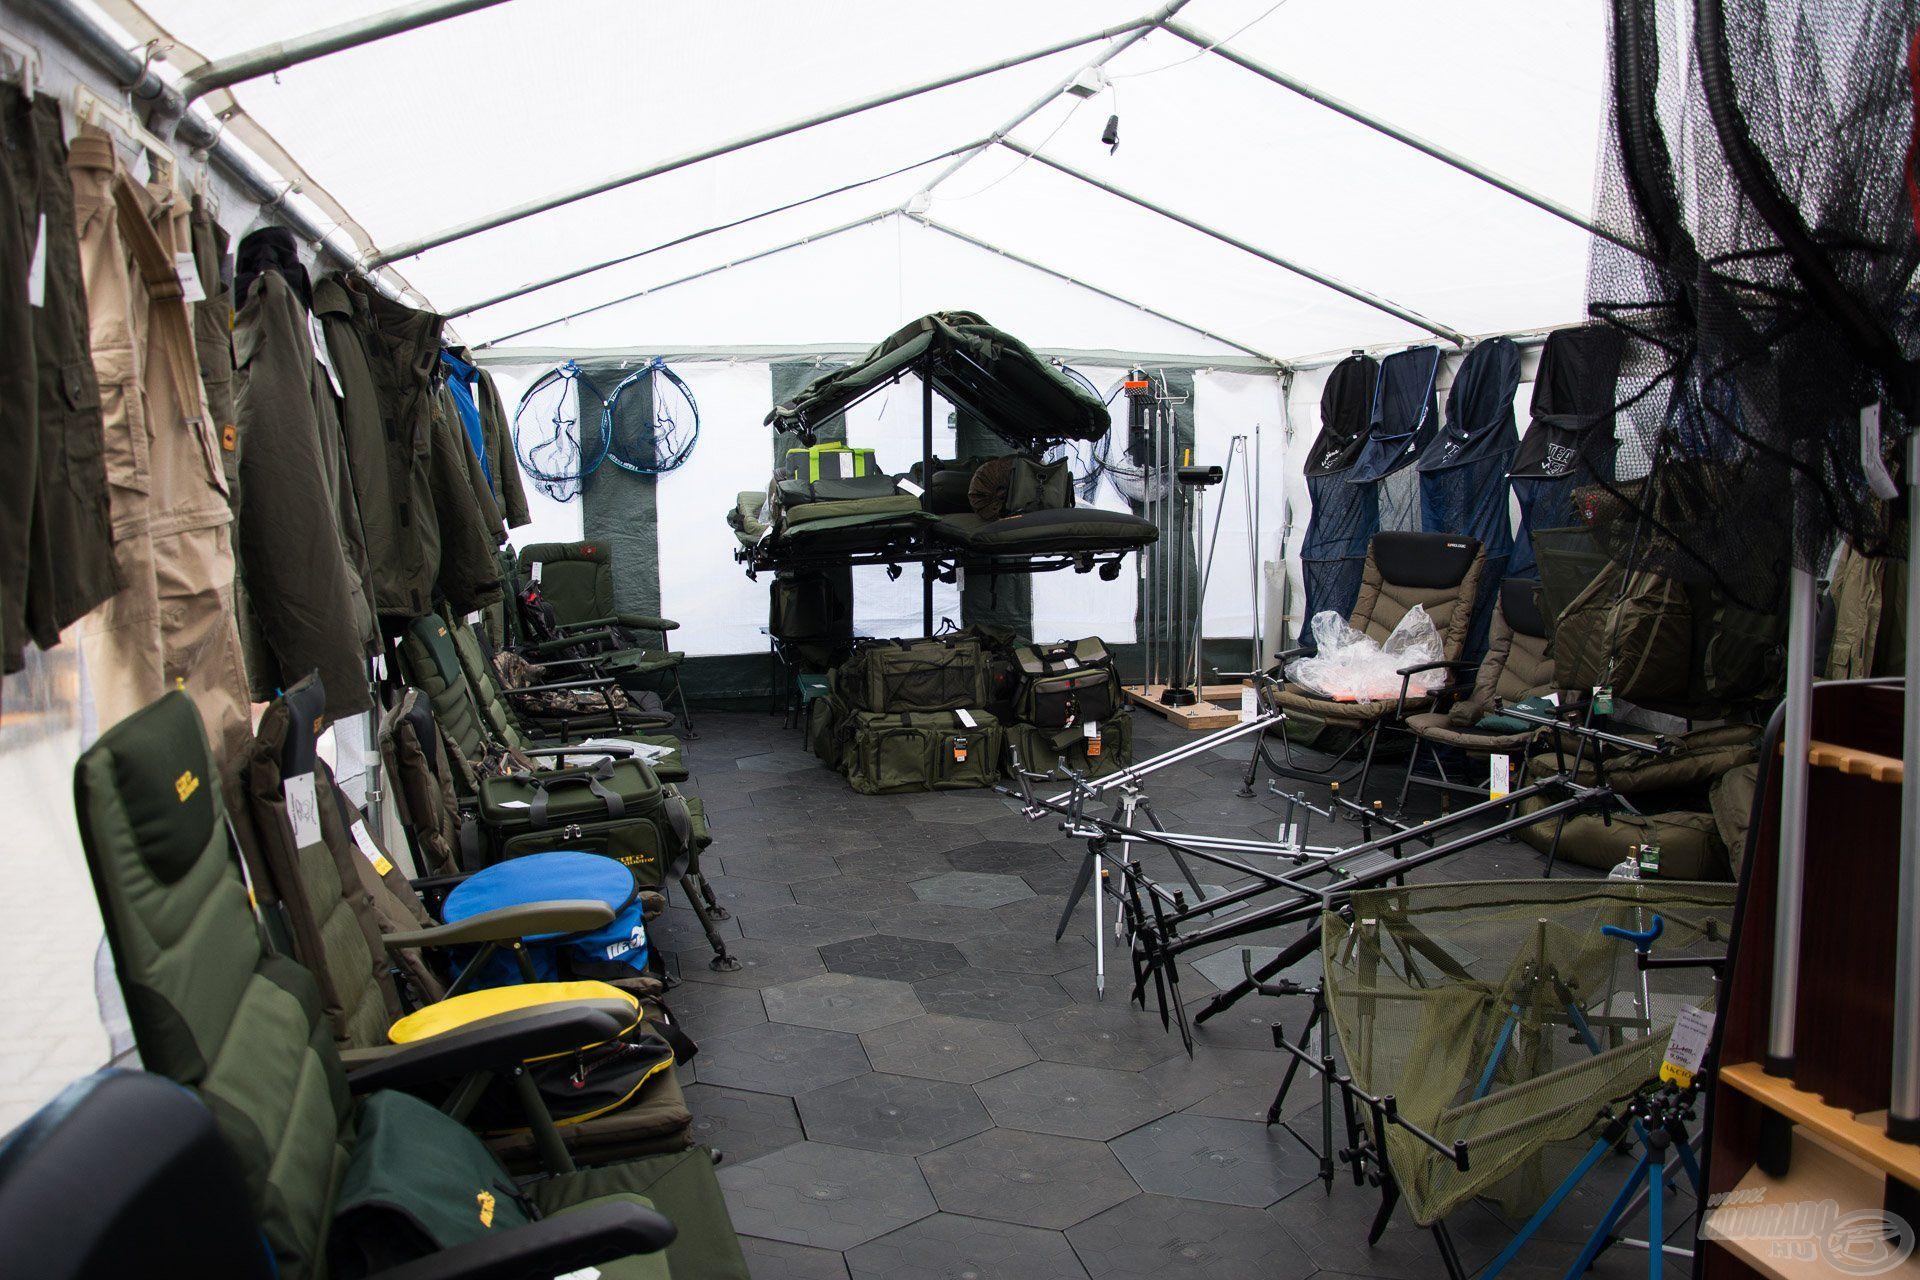 Szintén közkedvelt a külső helyszínek közt a bojlis sátor, ahol a pontyhorgászat darabosabb kiegészítői találhatóak…